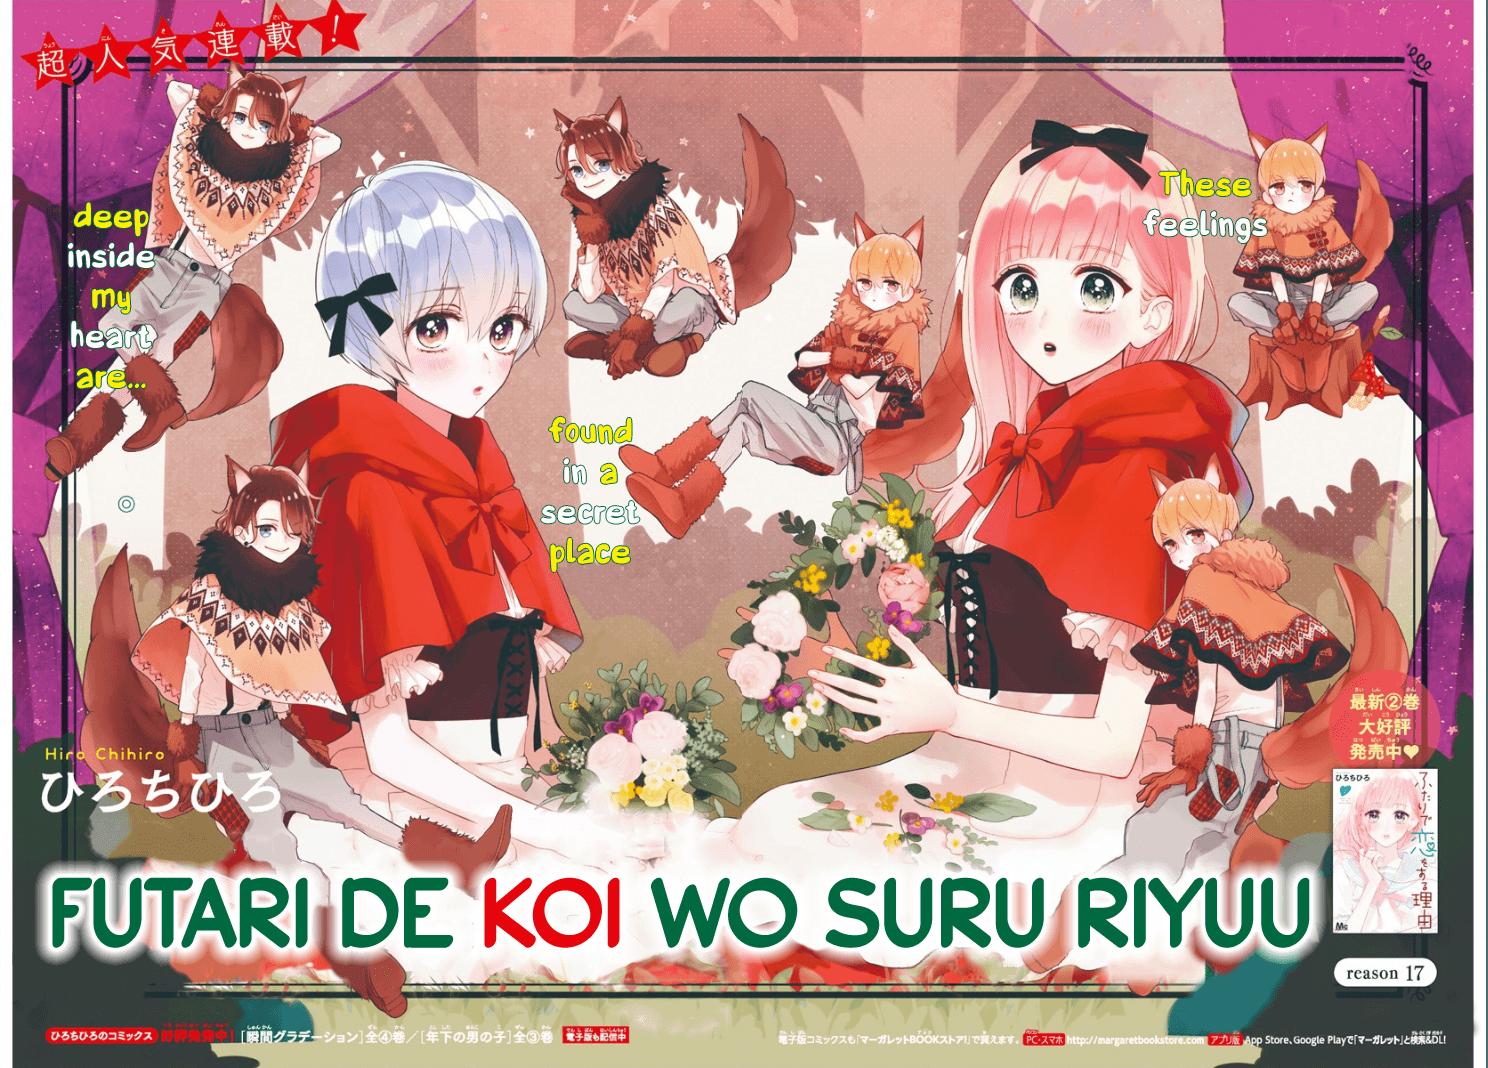 Manga Futari de Koi wo suru Riyuu - Chapter 17 Page 3